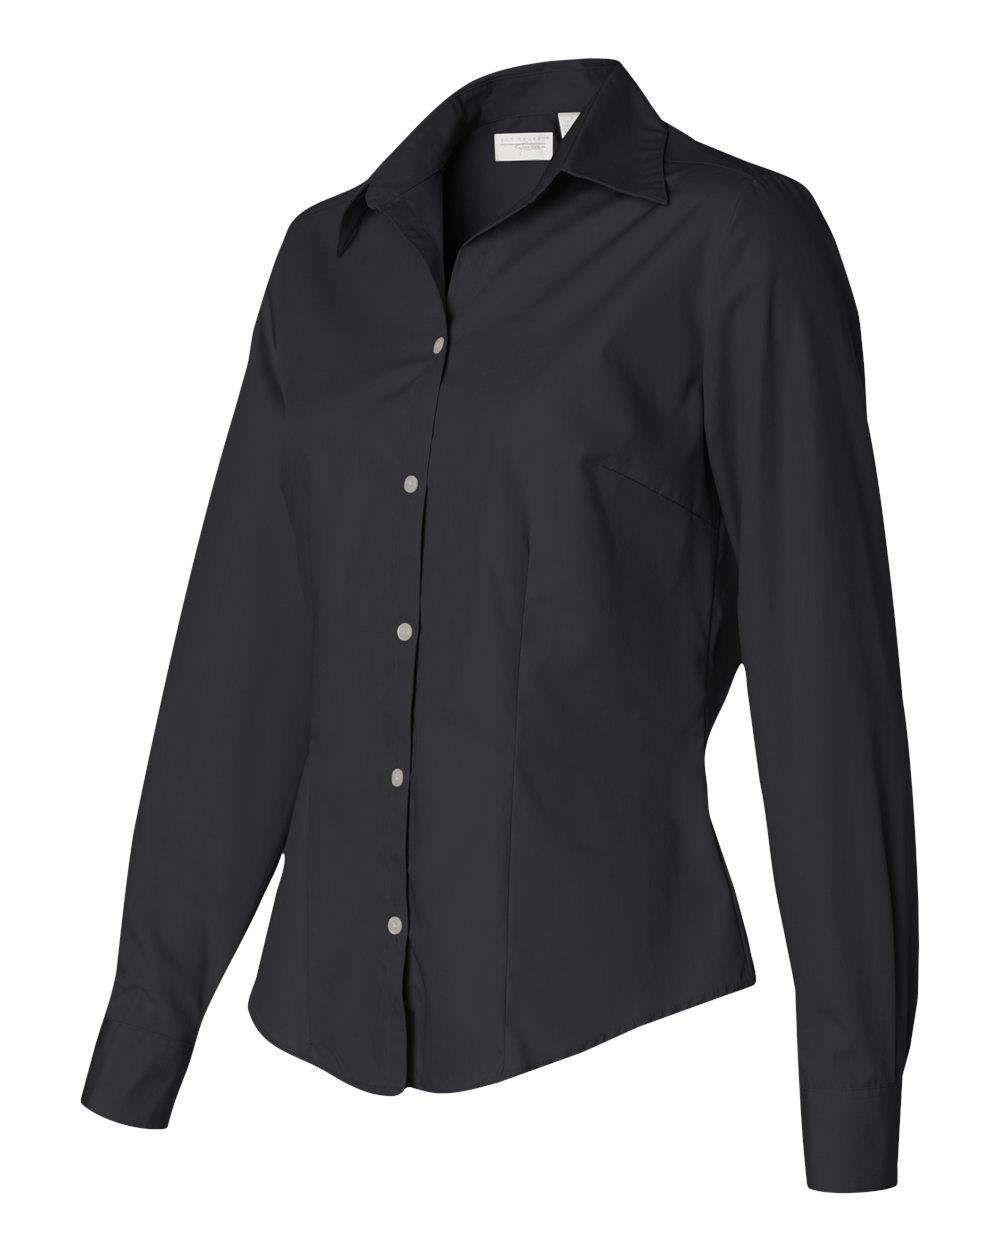 VAN HEUSEN - Women's Silky Poplin Shirt-